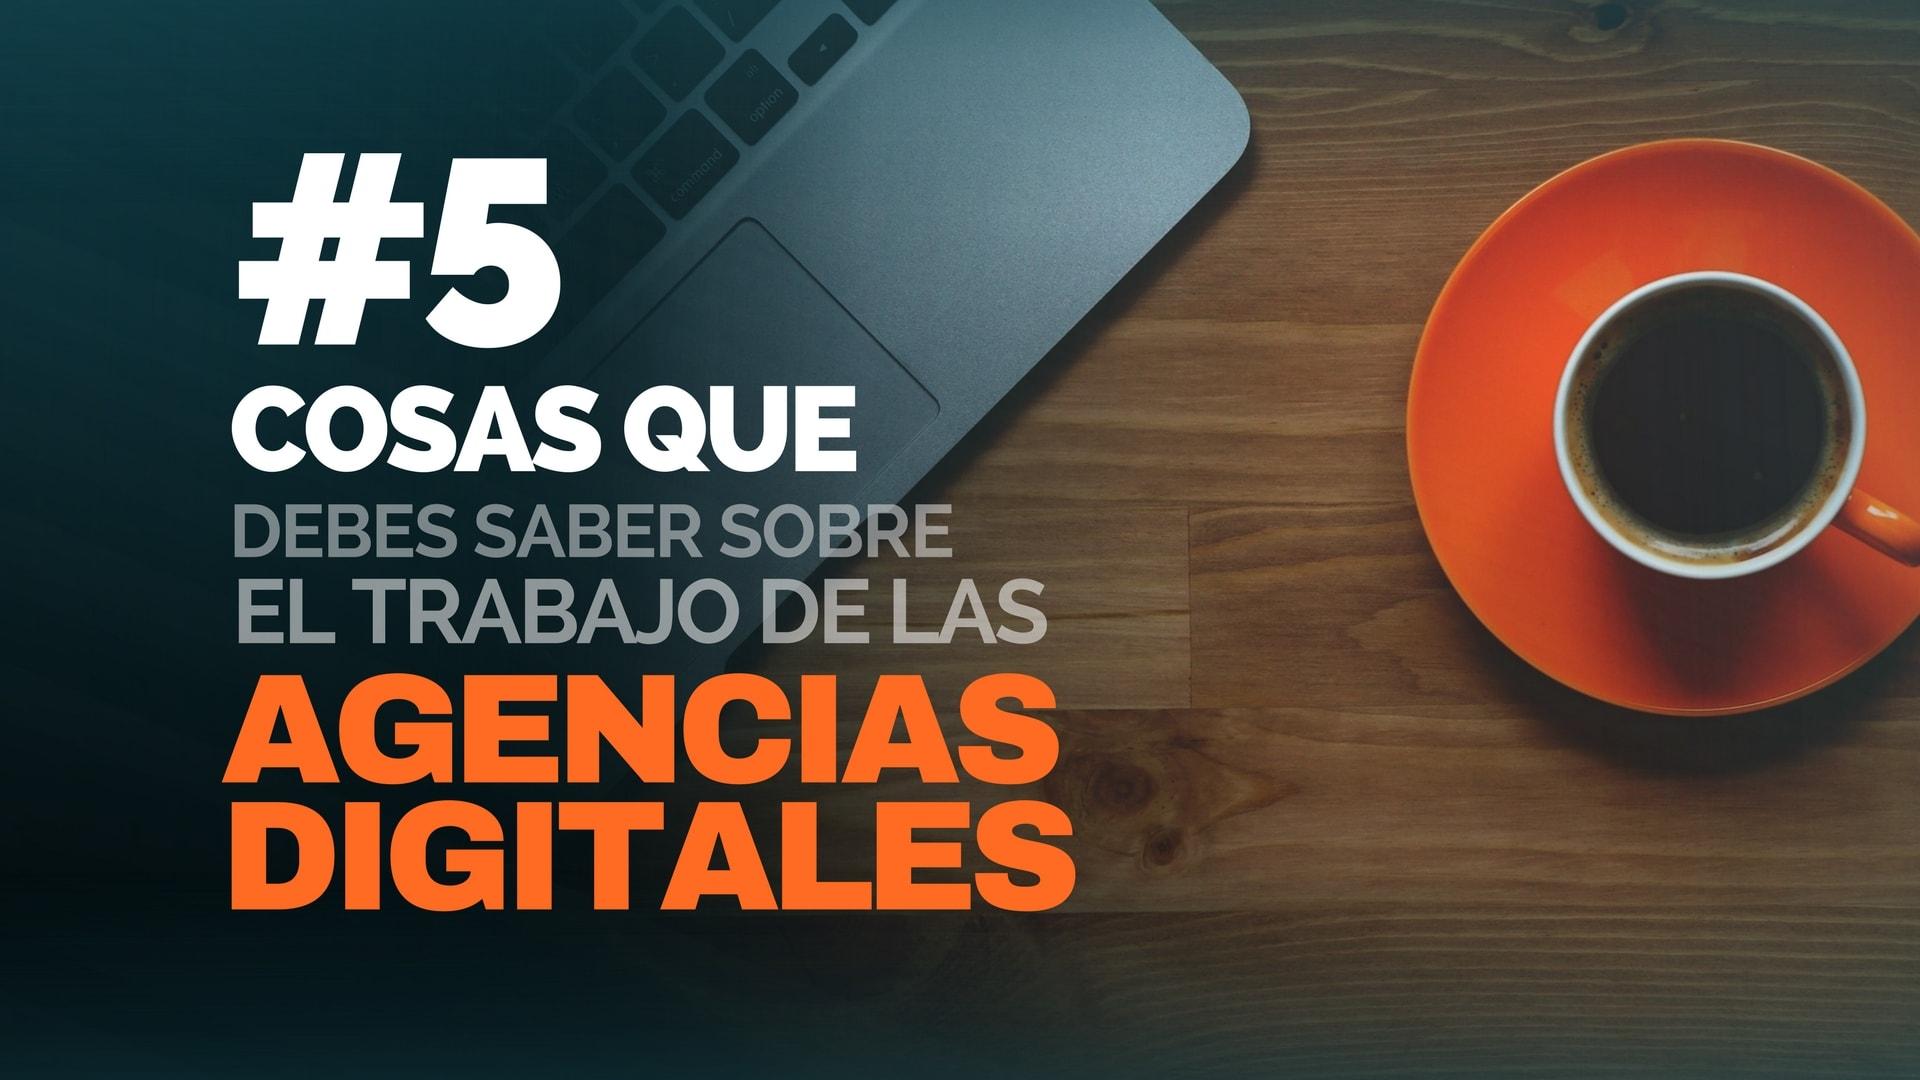 Agencia Digital Paraguay: 5 cosas que debes saber sobre su trabajo